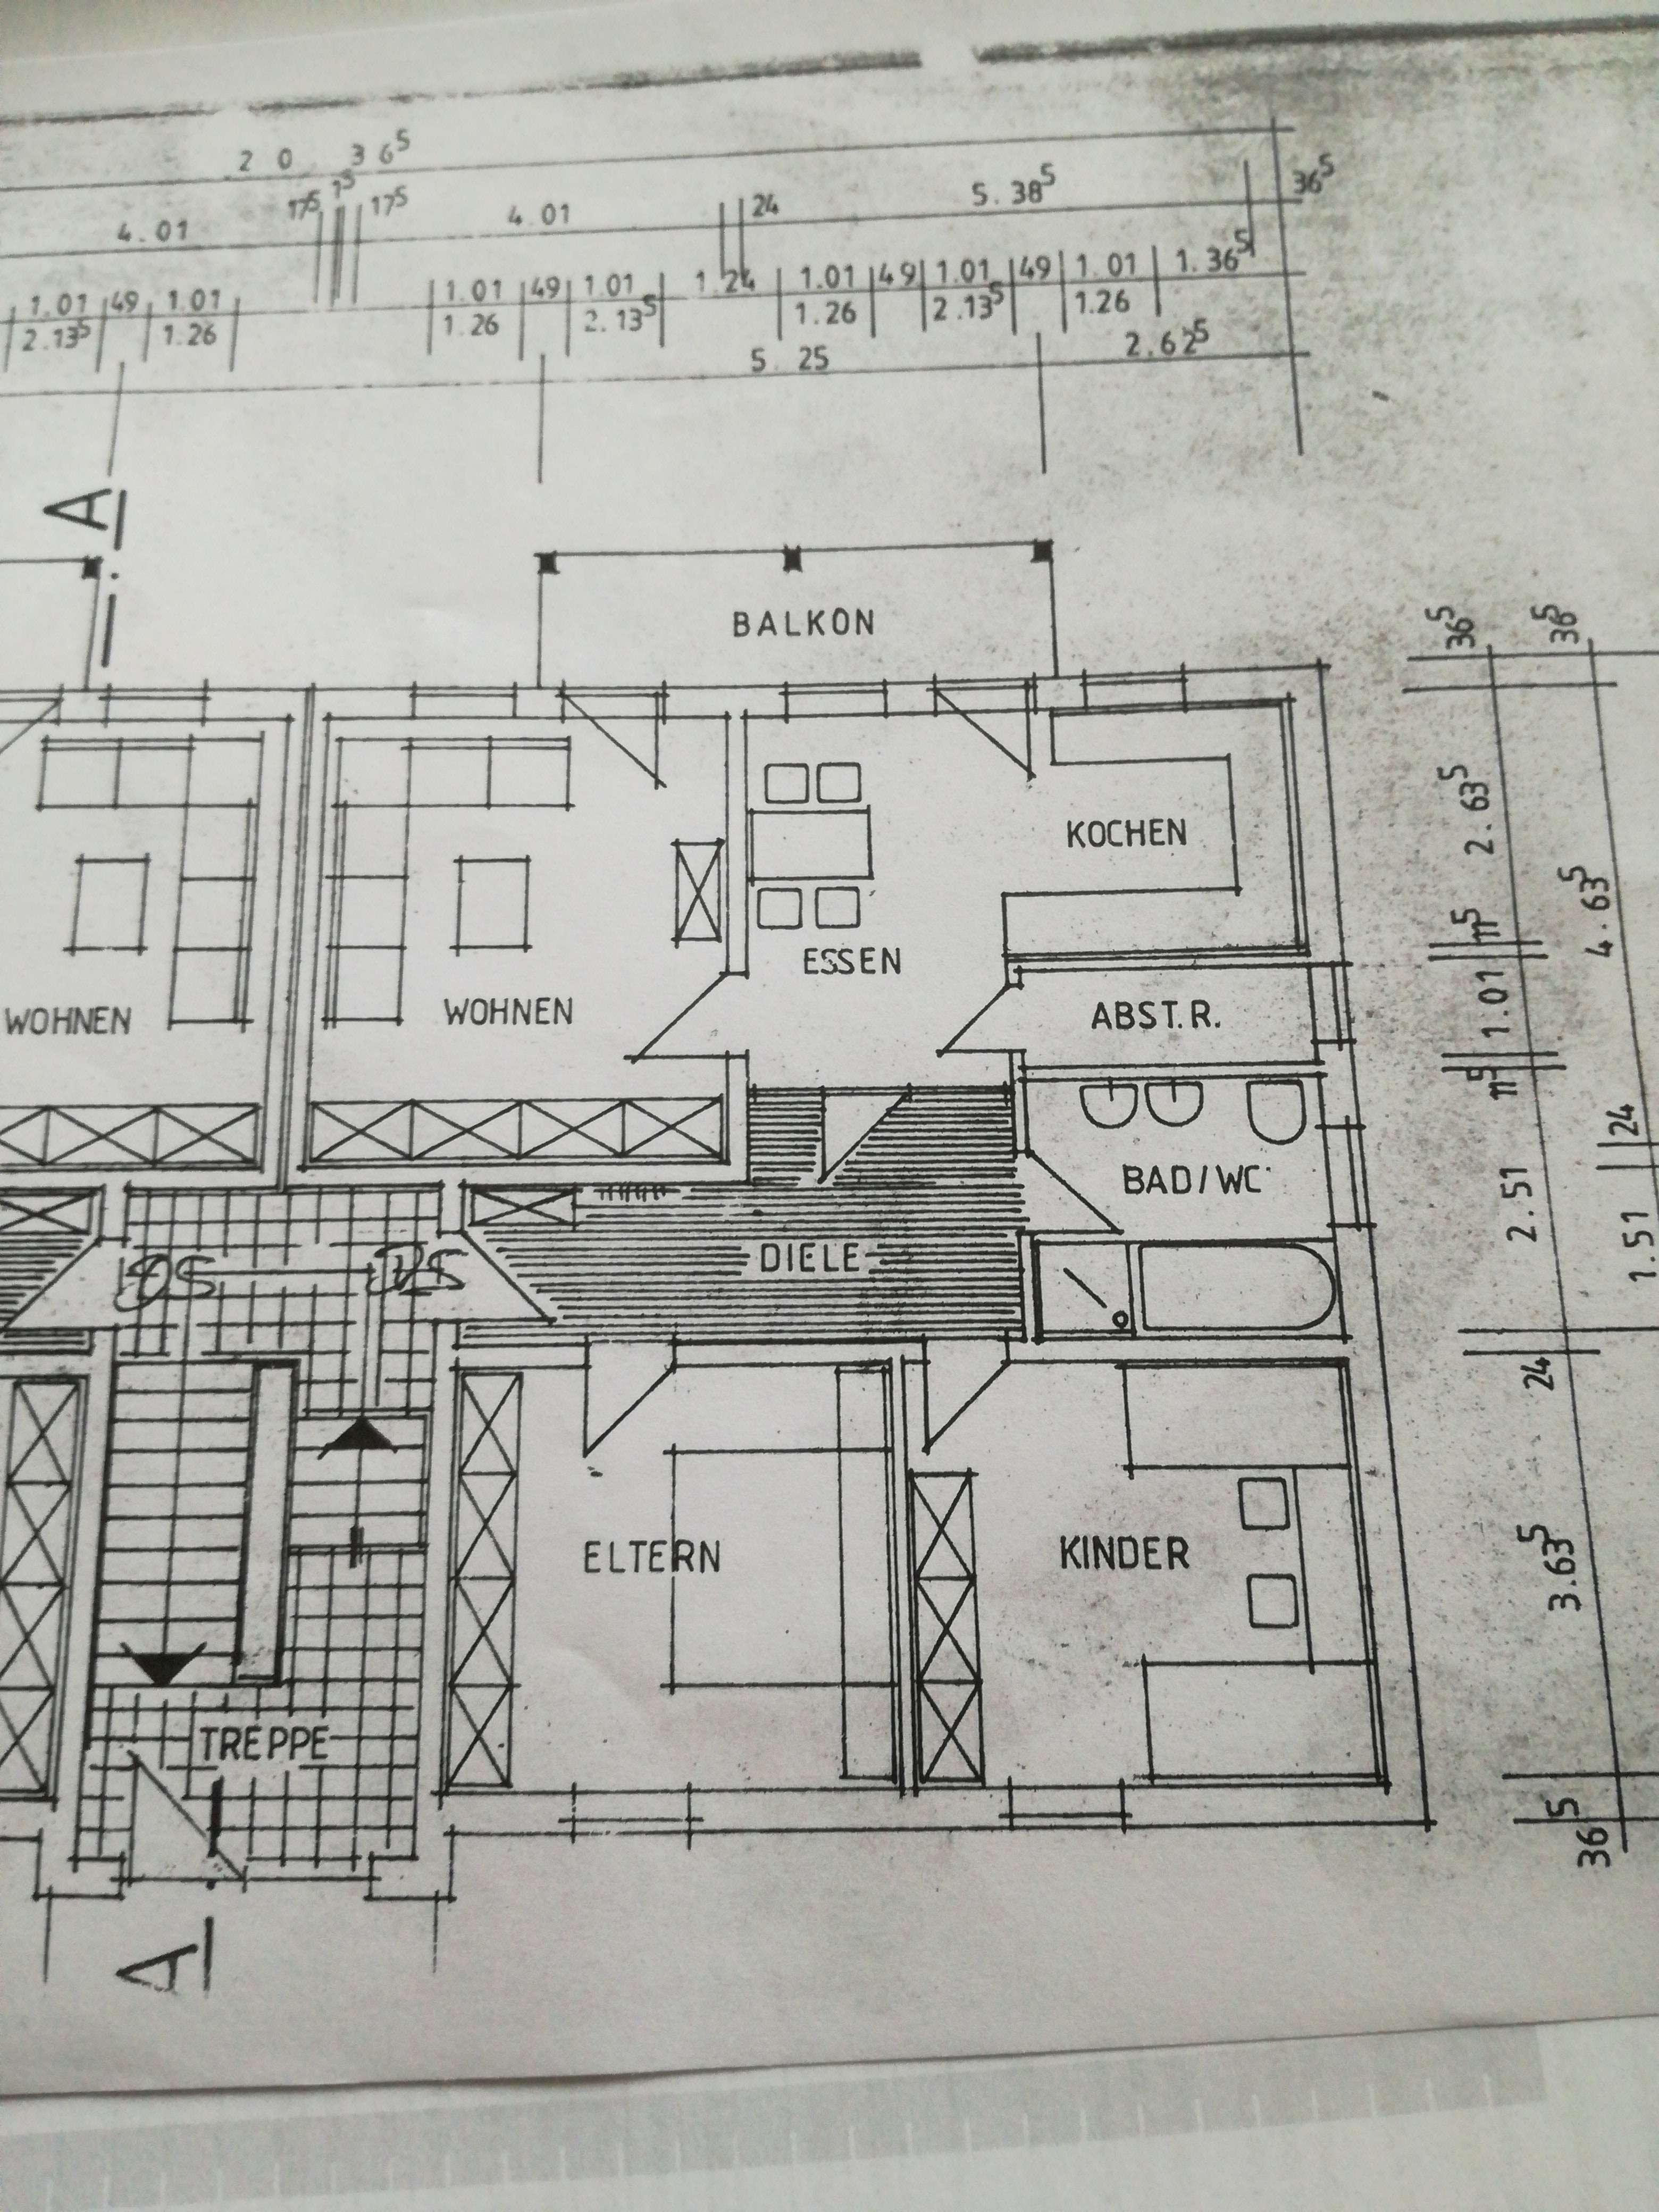 Preiswerte, gepflegte 3-Zimmer-Wohnung mit Balkon in Geigant in Waldmünchen